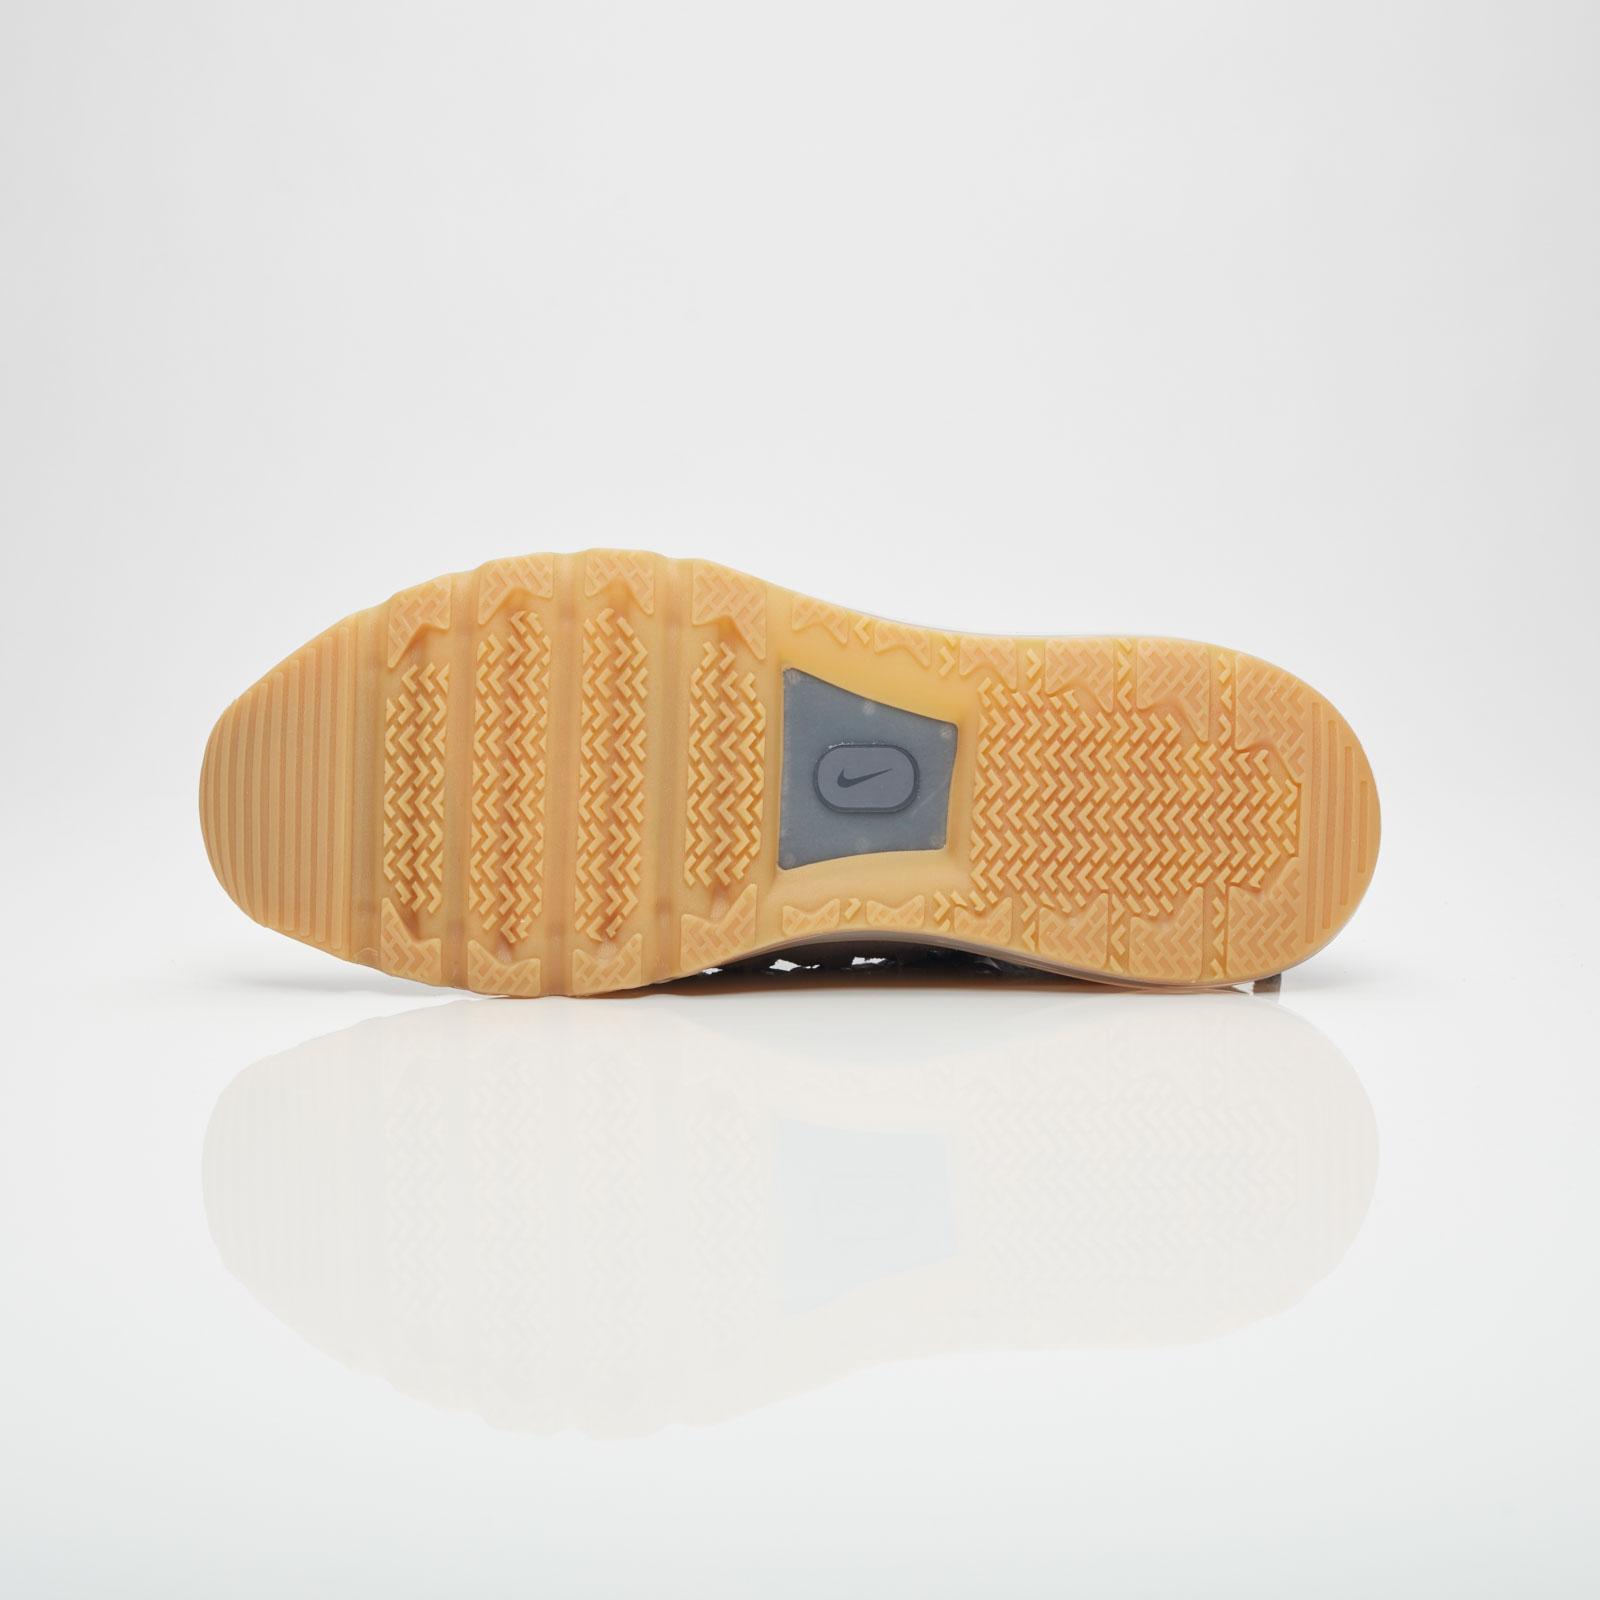 reputable site bbd09 4eab4 Nike Sportswear Air Max TR17 - 6. Close